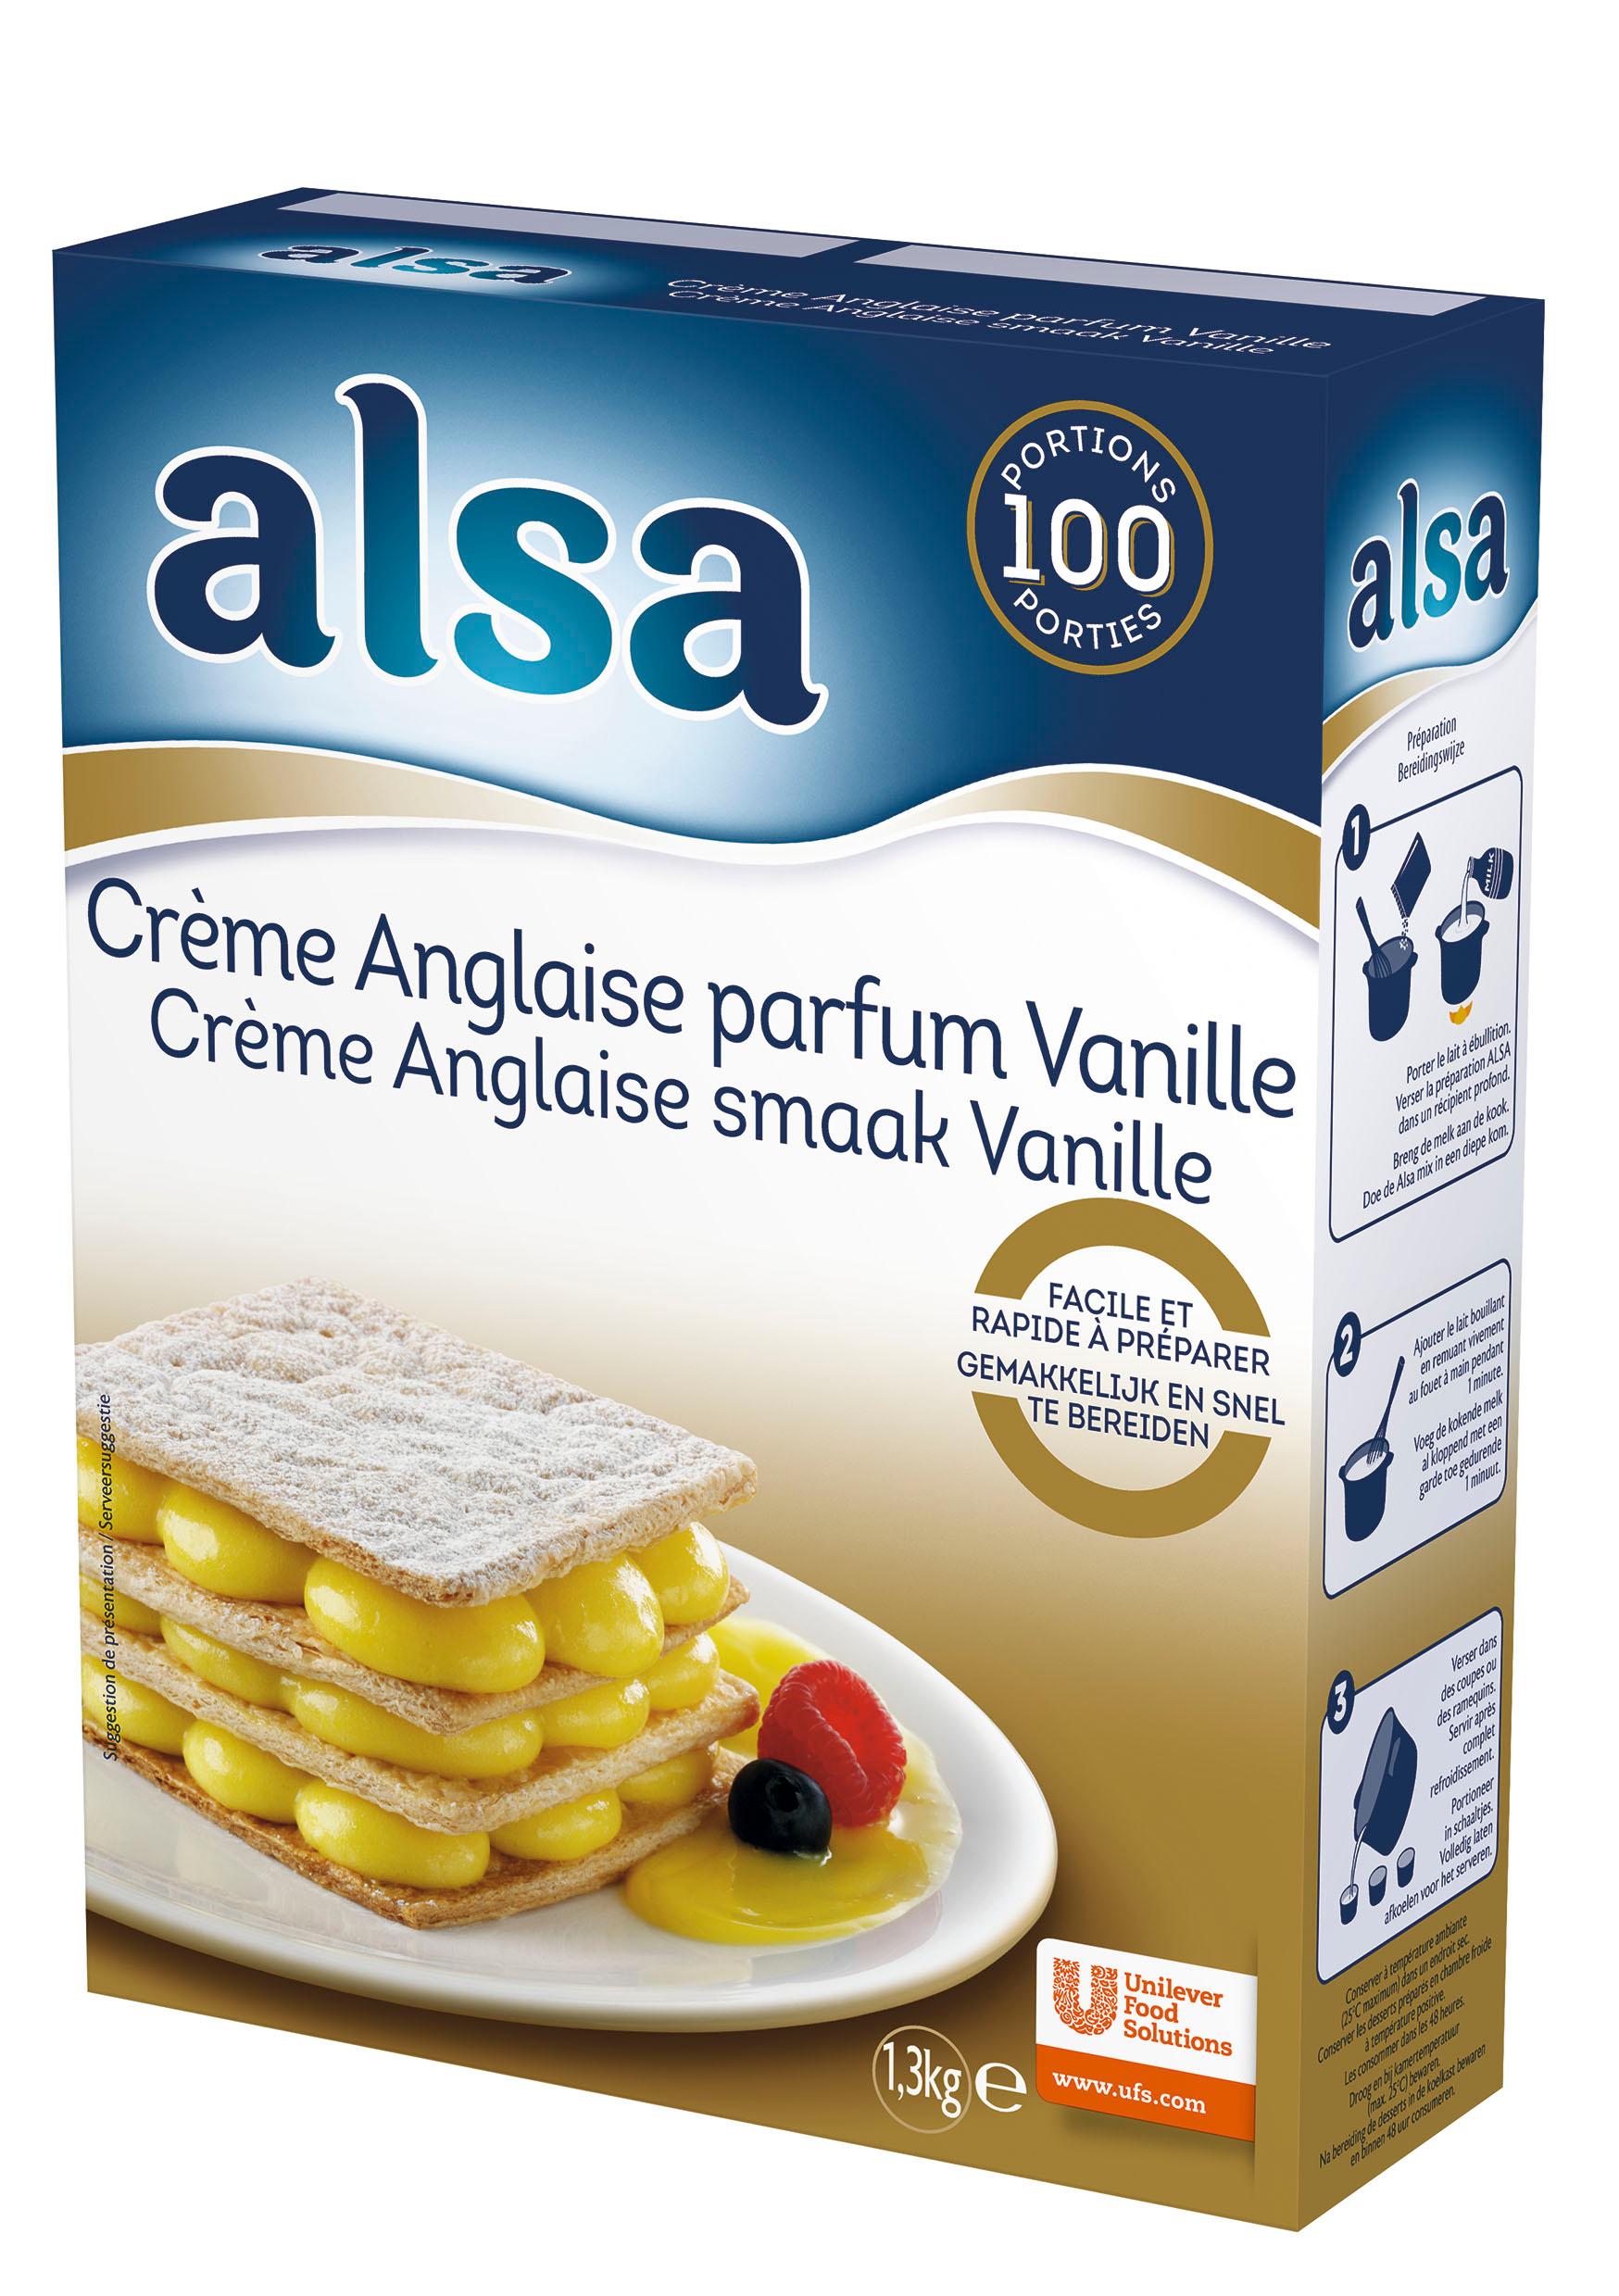 Alsa Crème Anglaise Express 1,3kg 100 portions